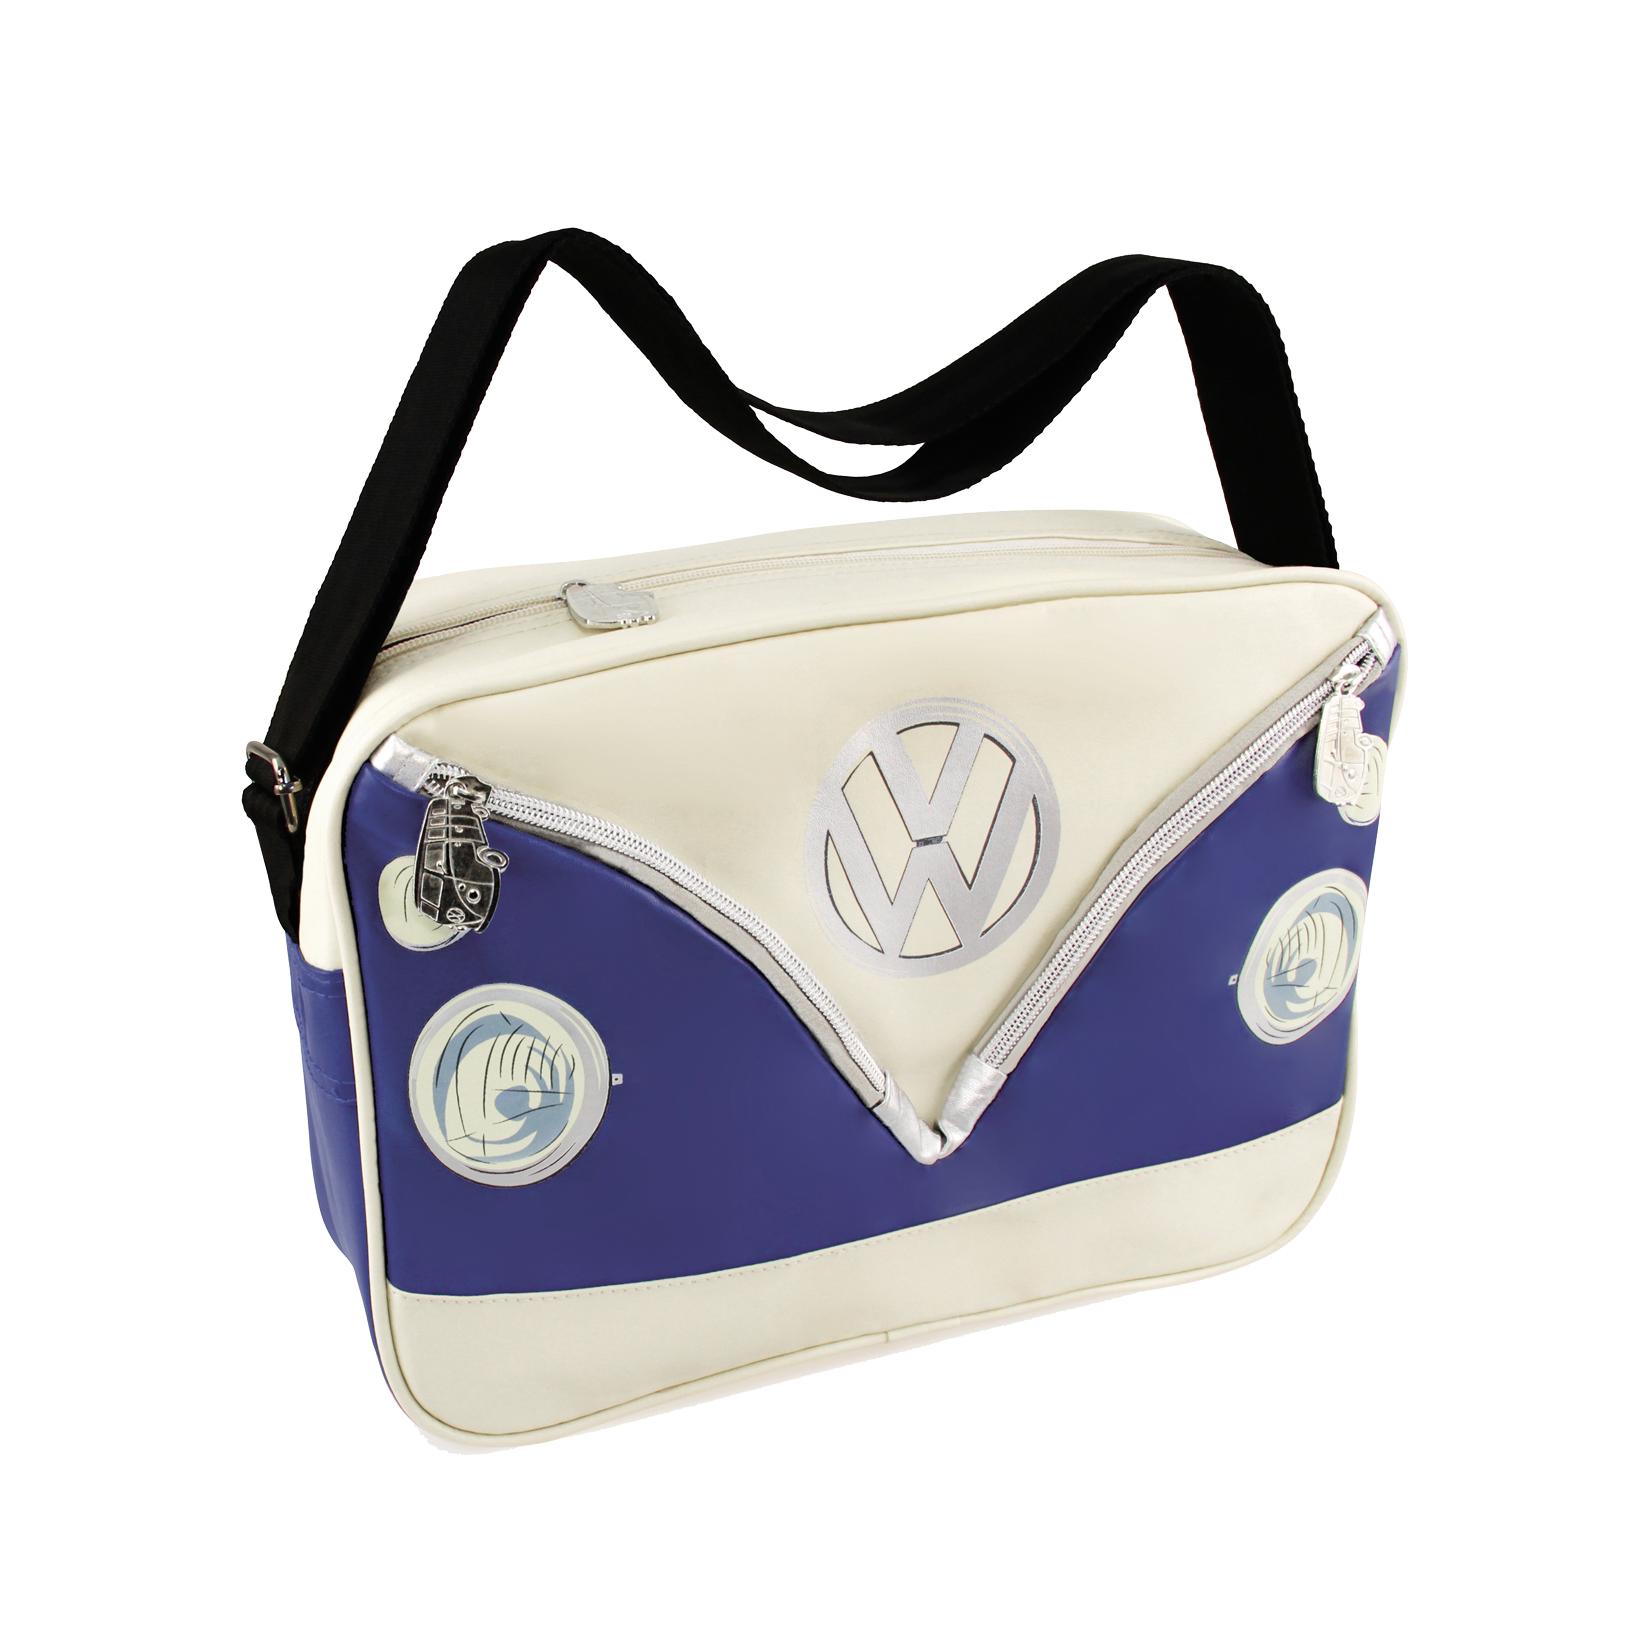 VW Collection Schultertasche blau-weiß